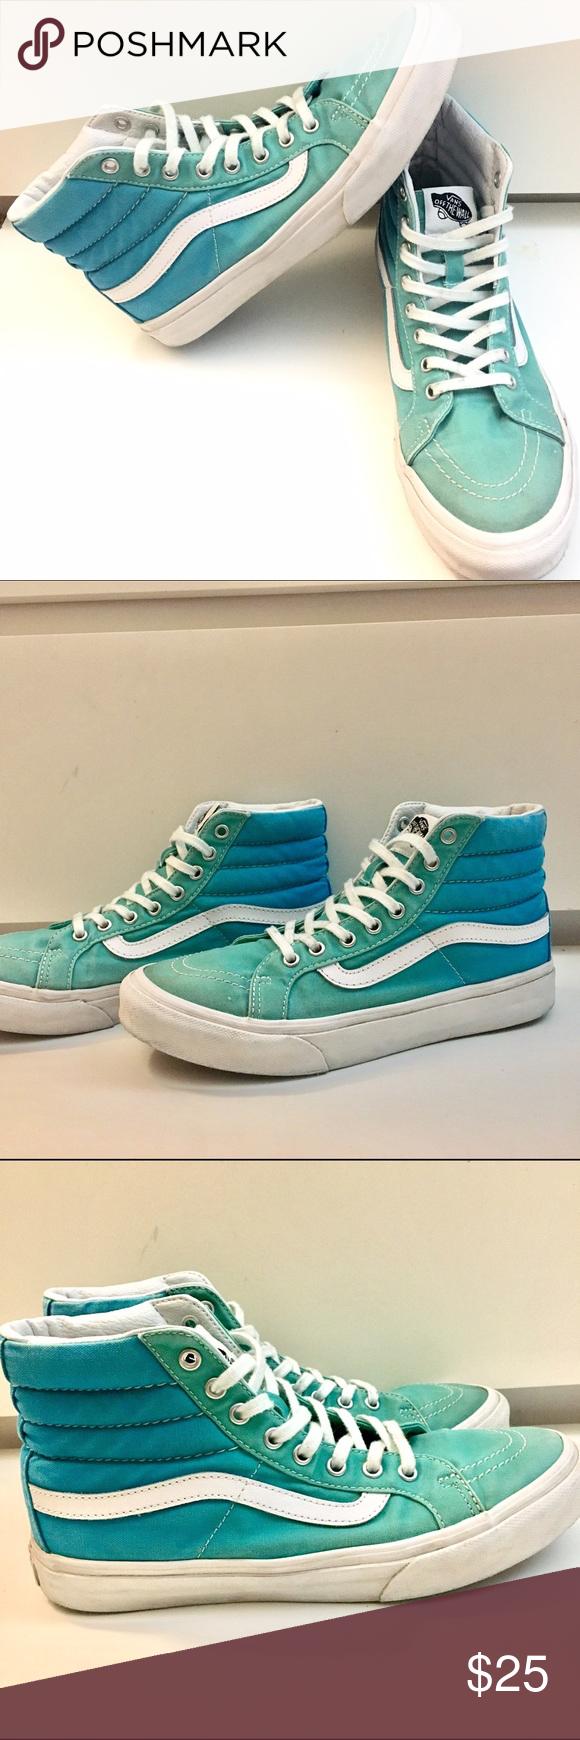 9b206e529d Vans Old Skool Sk8 Hi. Ombré blue-green. Vans Old Skool Sk8 Hi shoes in a  really cute blue to green ombré. Men s 5.5 Women s 7. Vans Shoes Sneakers